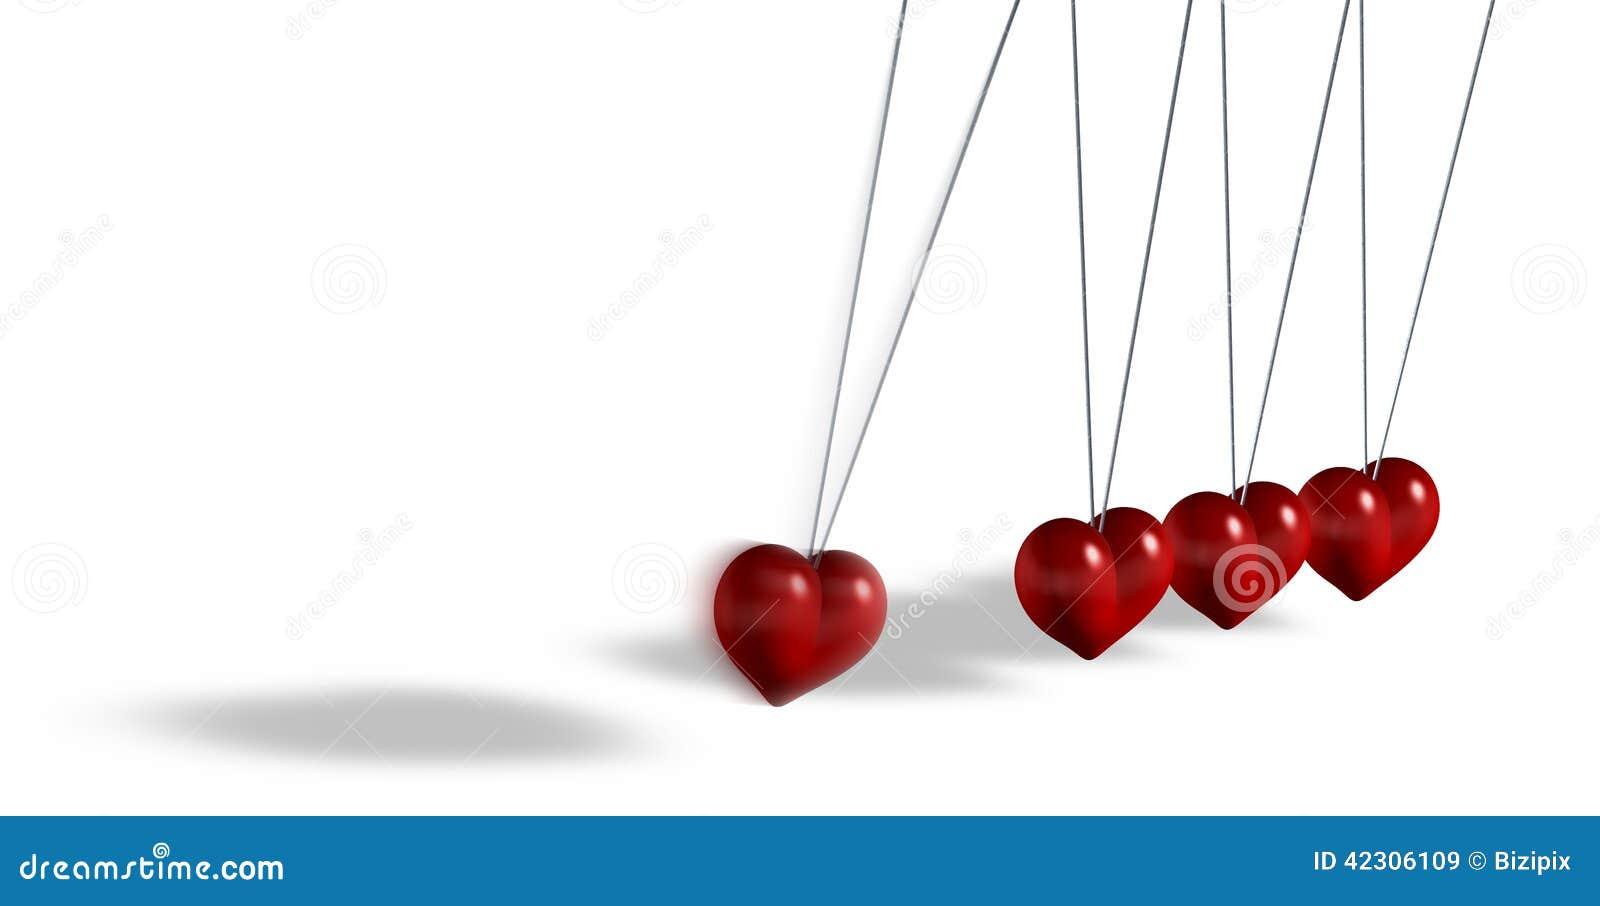 Brinquedo cinético com objetos dados forma coração